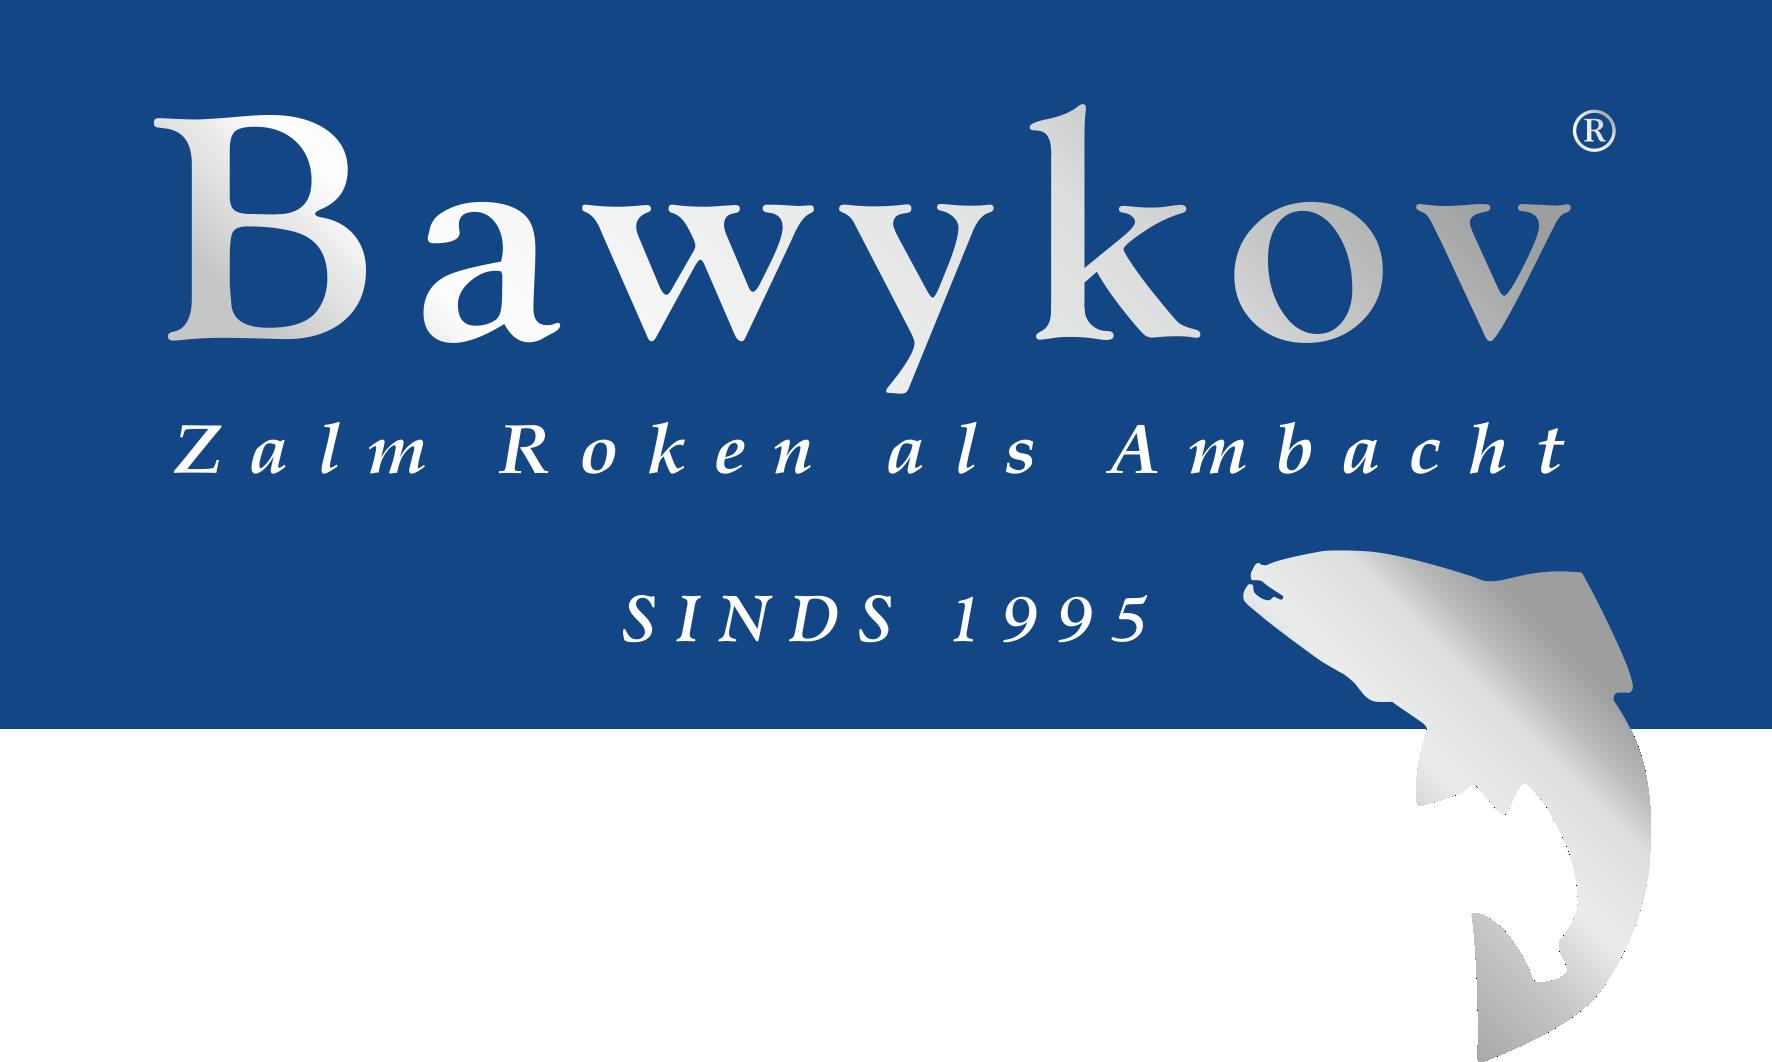 Bawykov zalm